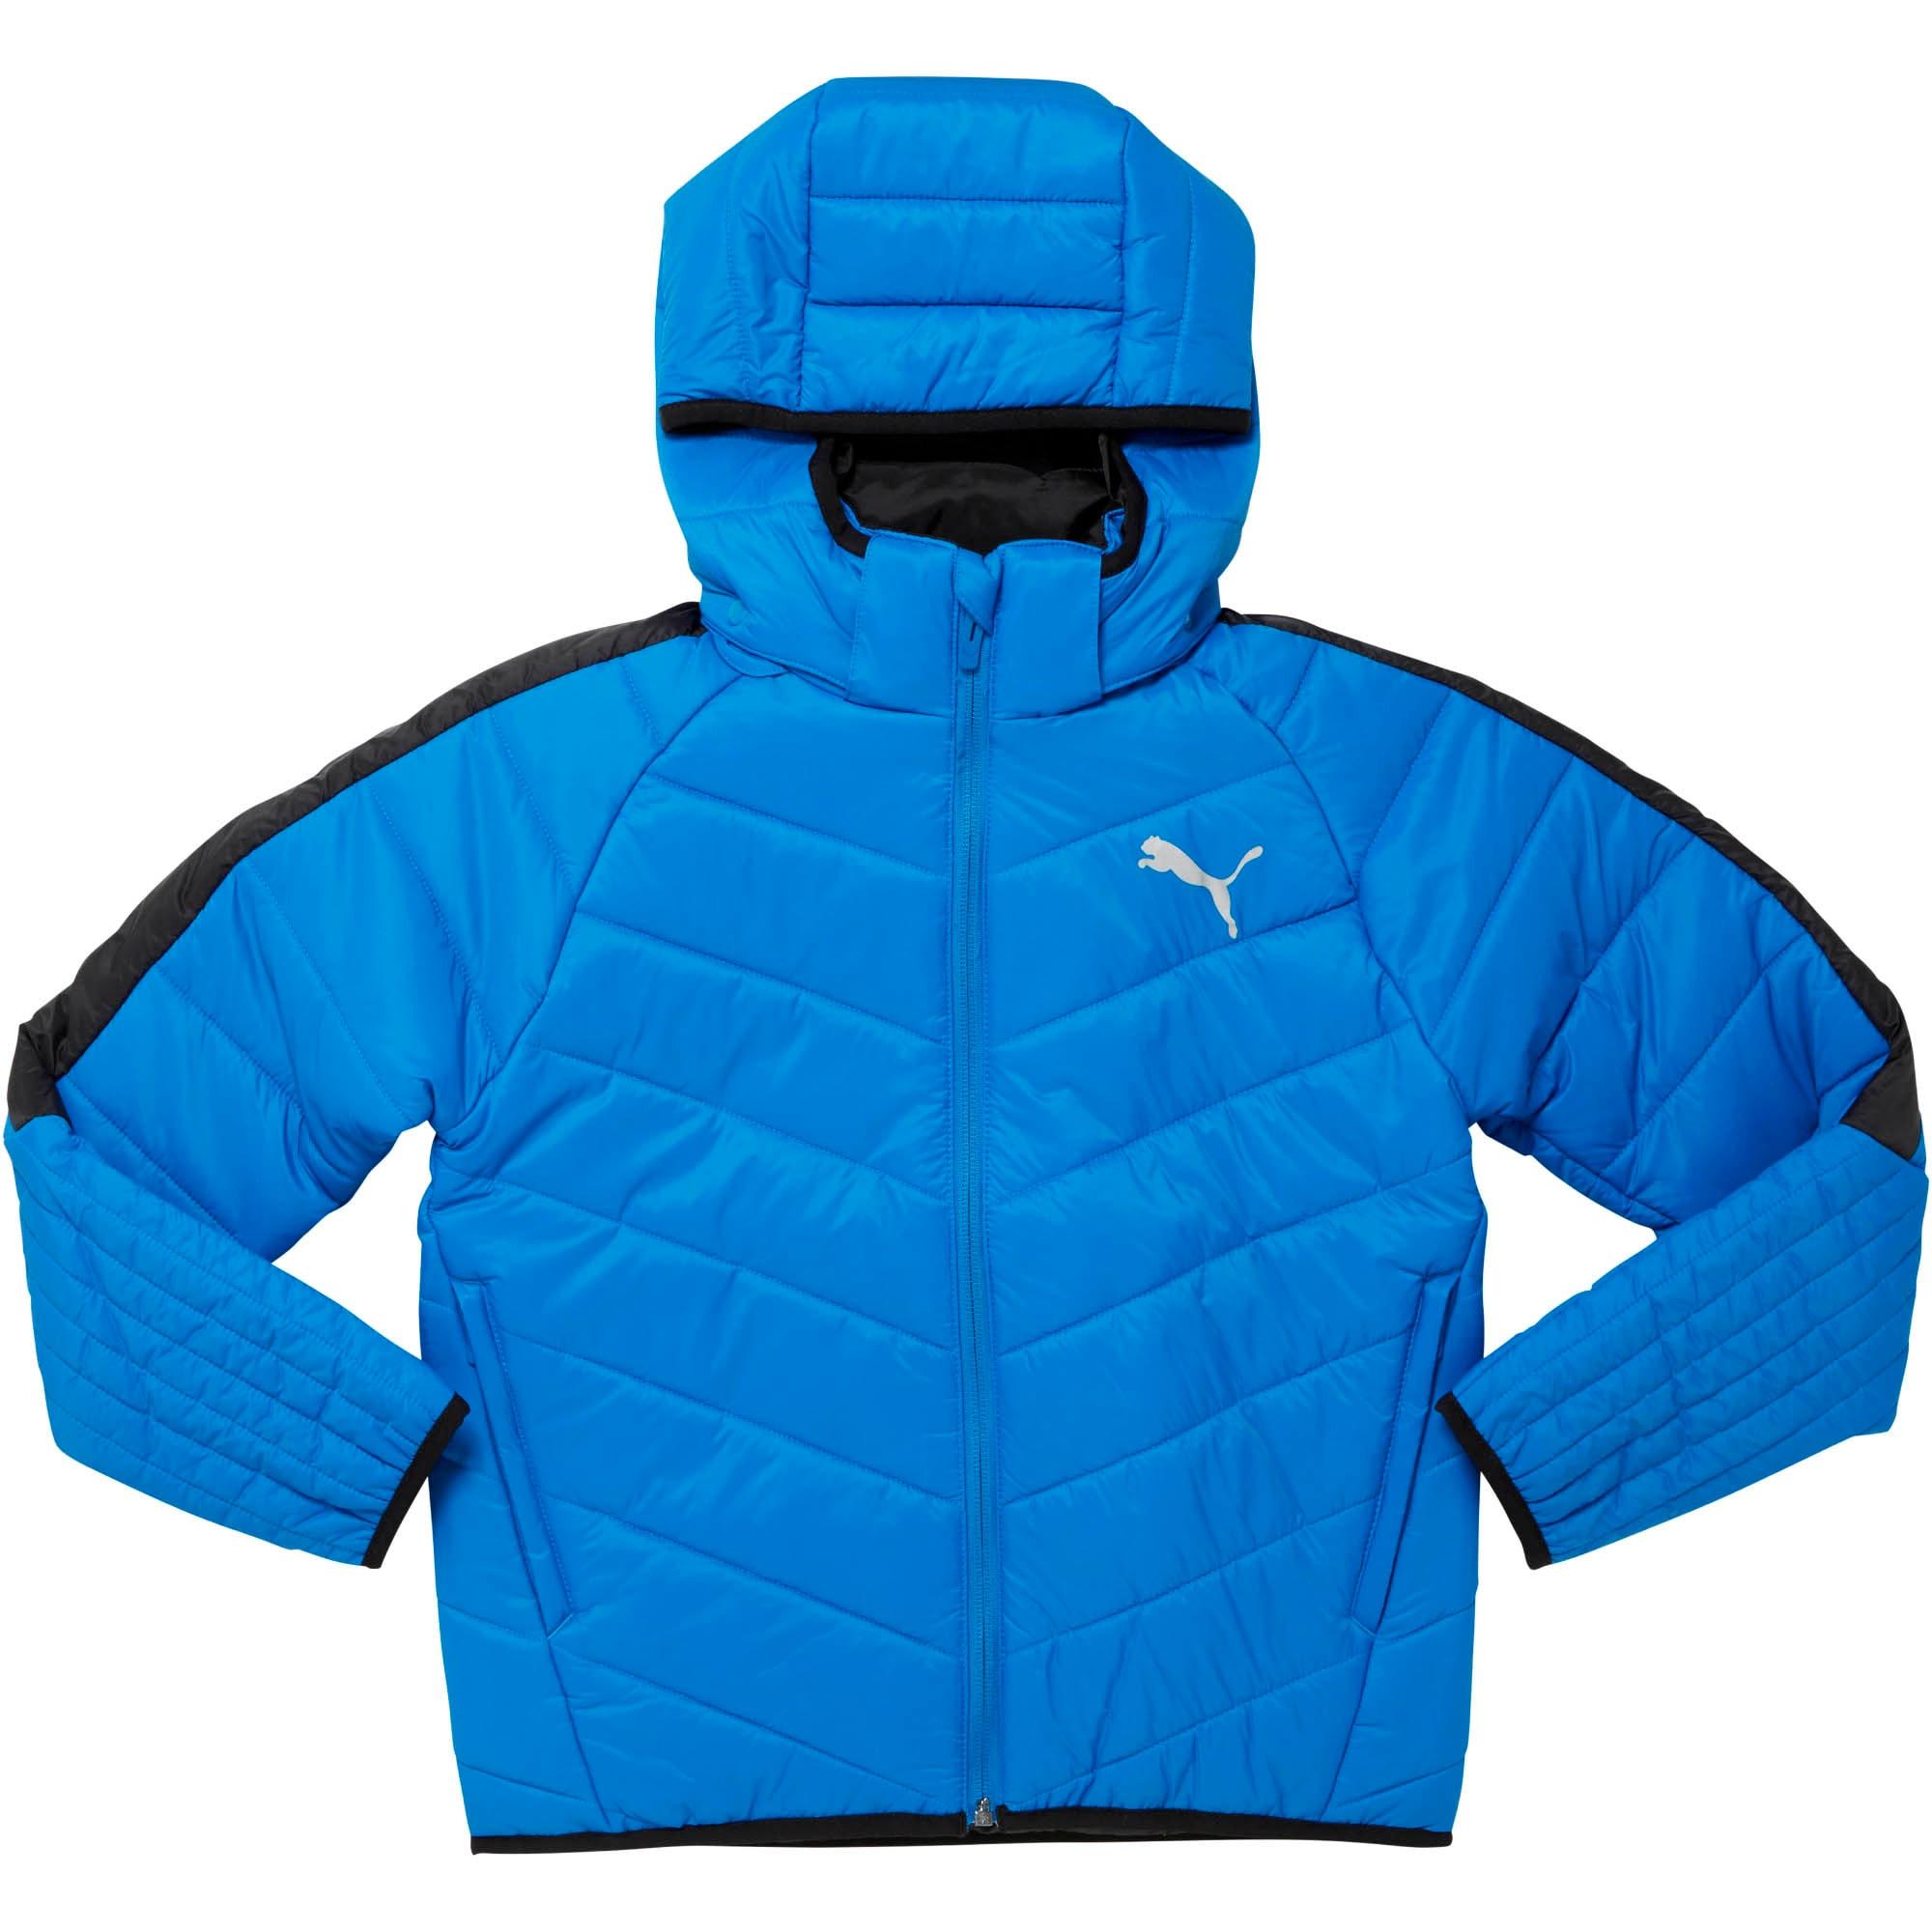 Thumbnail 1 of Boys' Active Jacket JR, Strong Blue, medium